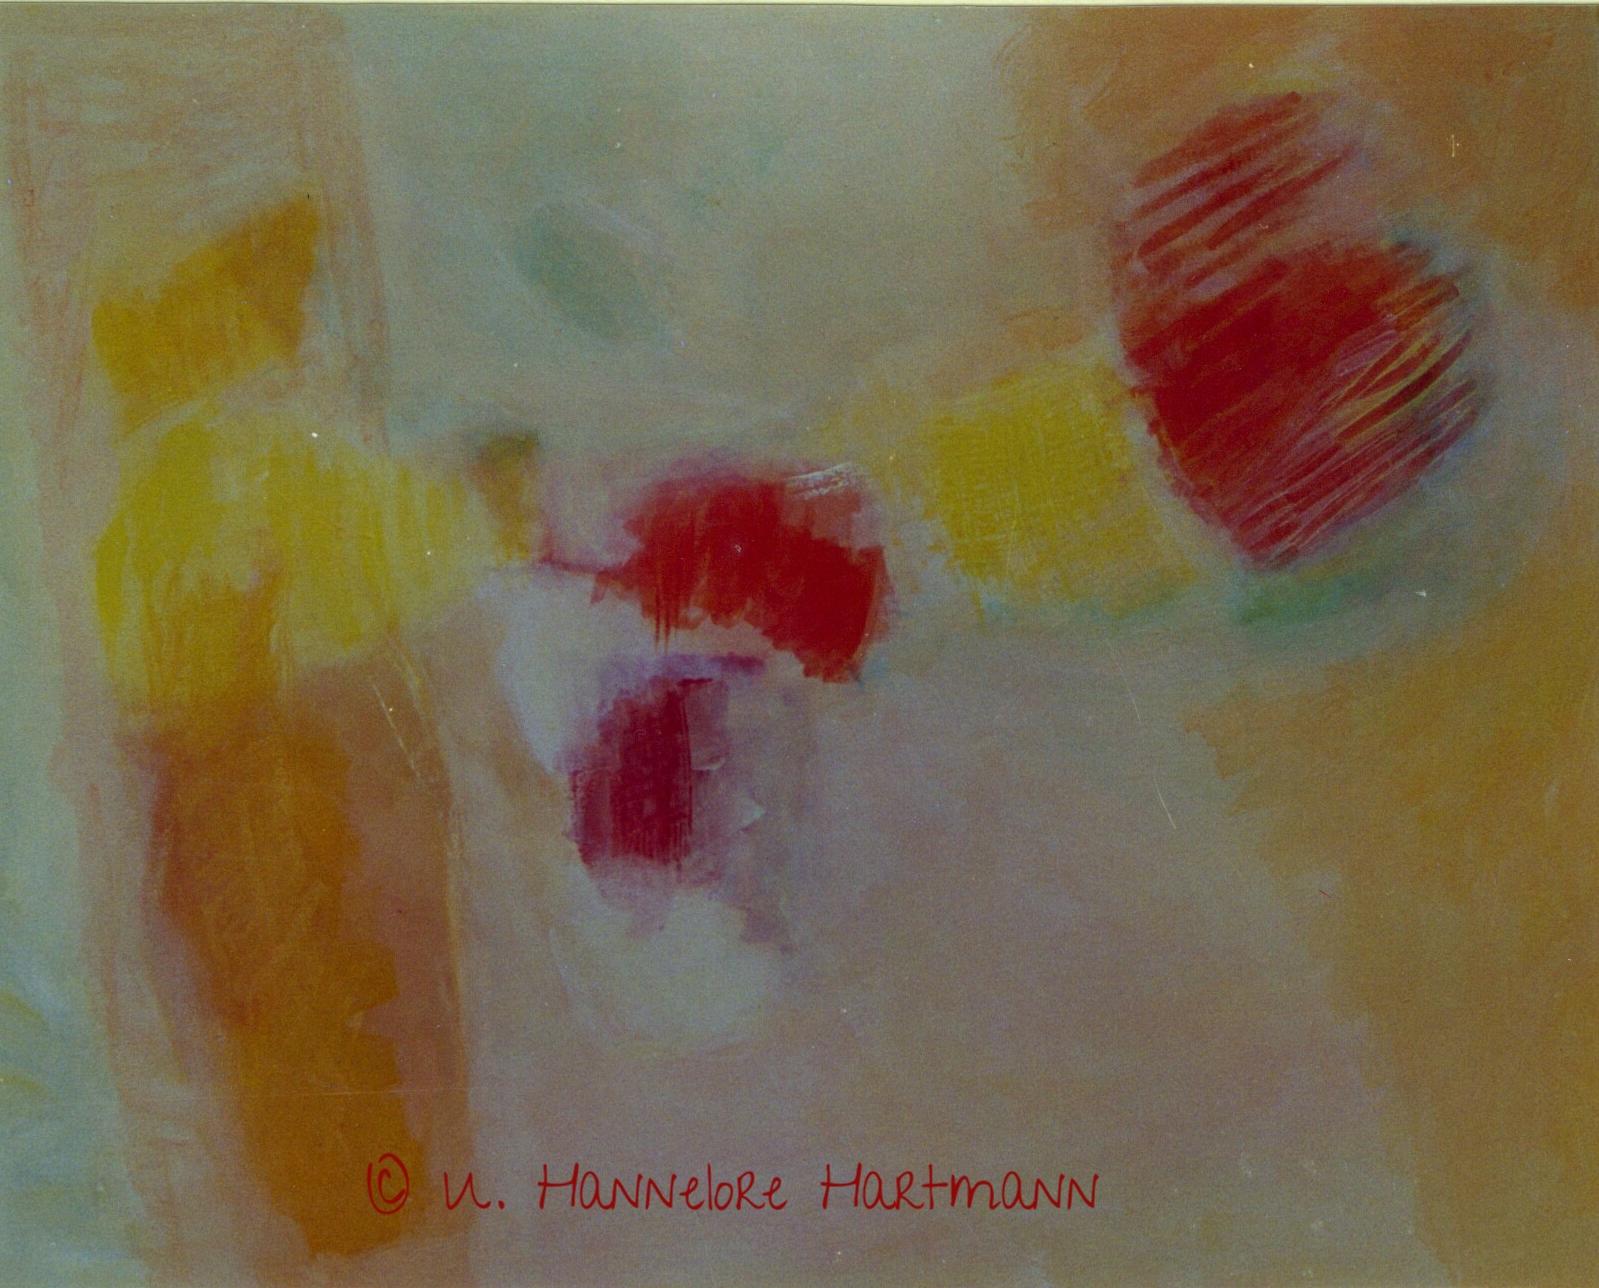 """""""I feel an inner Space"""" Acryl, Pigmente auf Nessel, Ölkreide, 80 x 100, mit Schattenfugenleiste"""